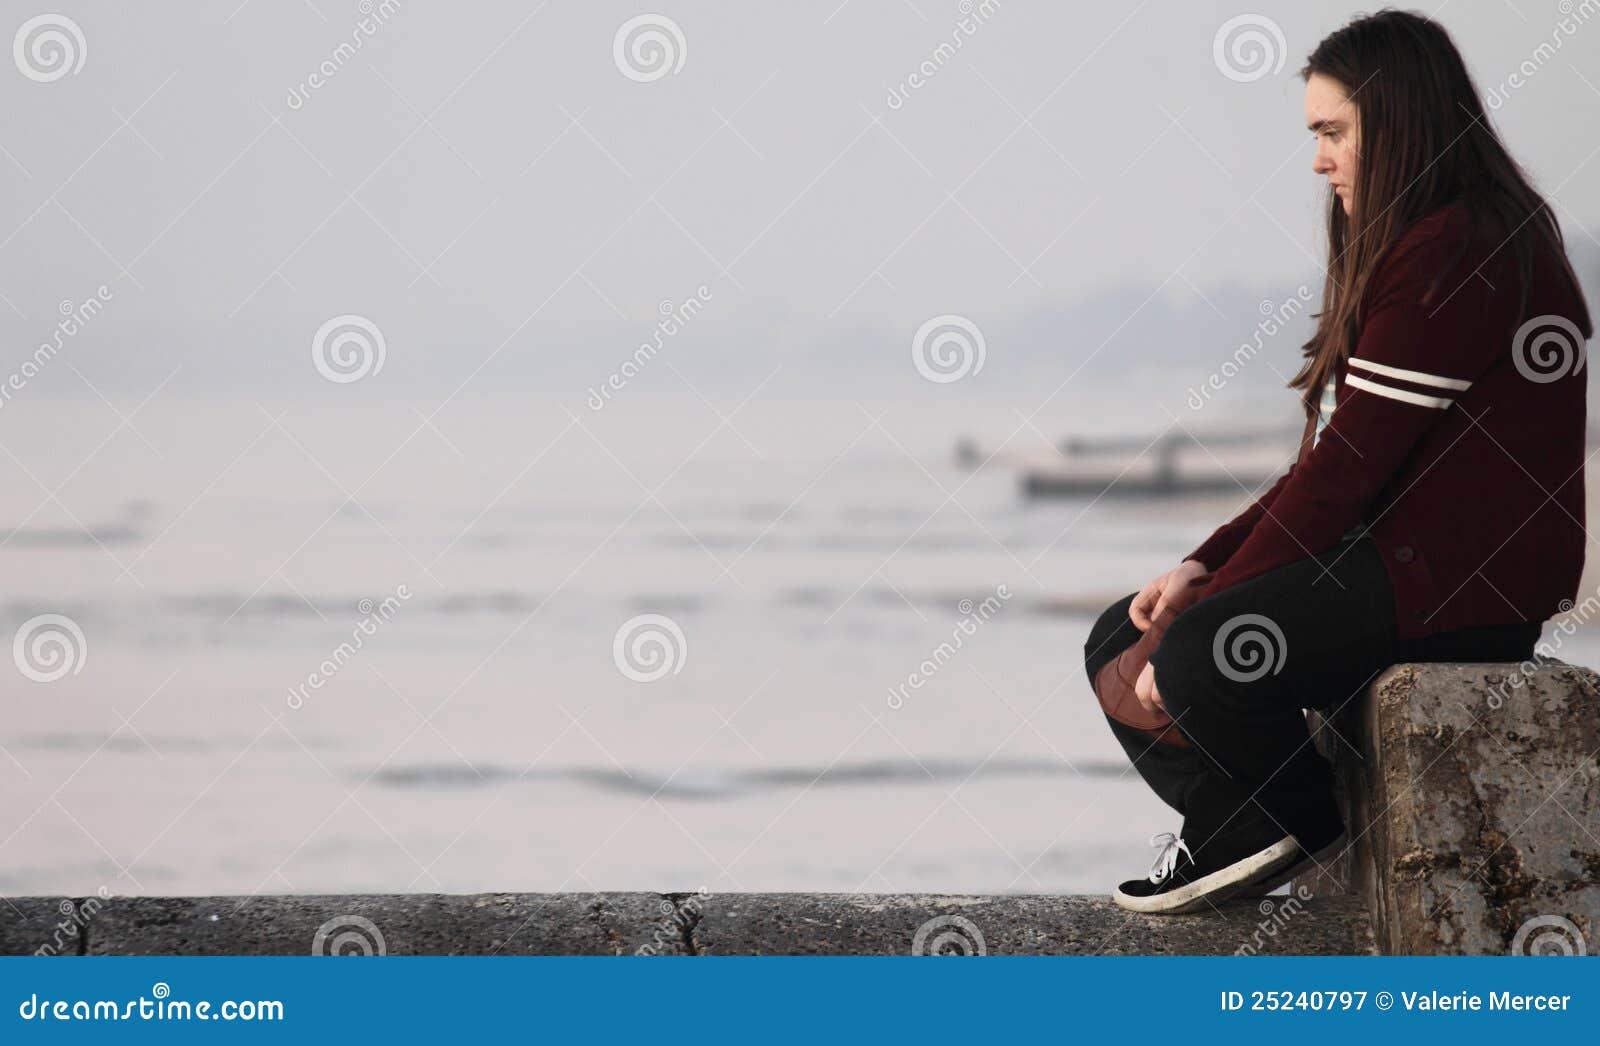 sad-looking teenage gi...